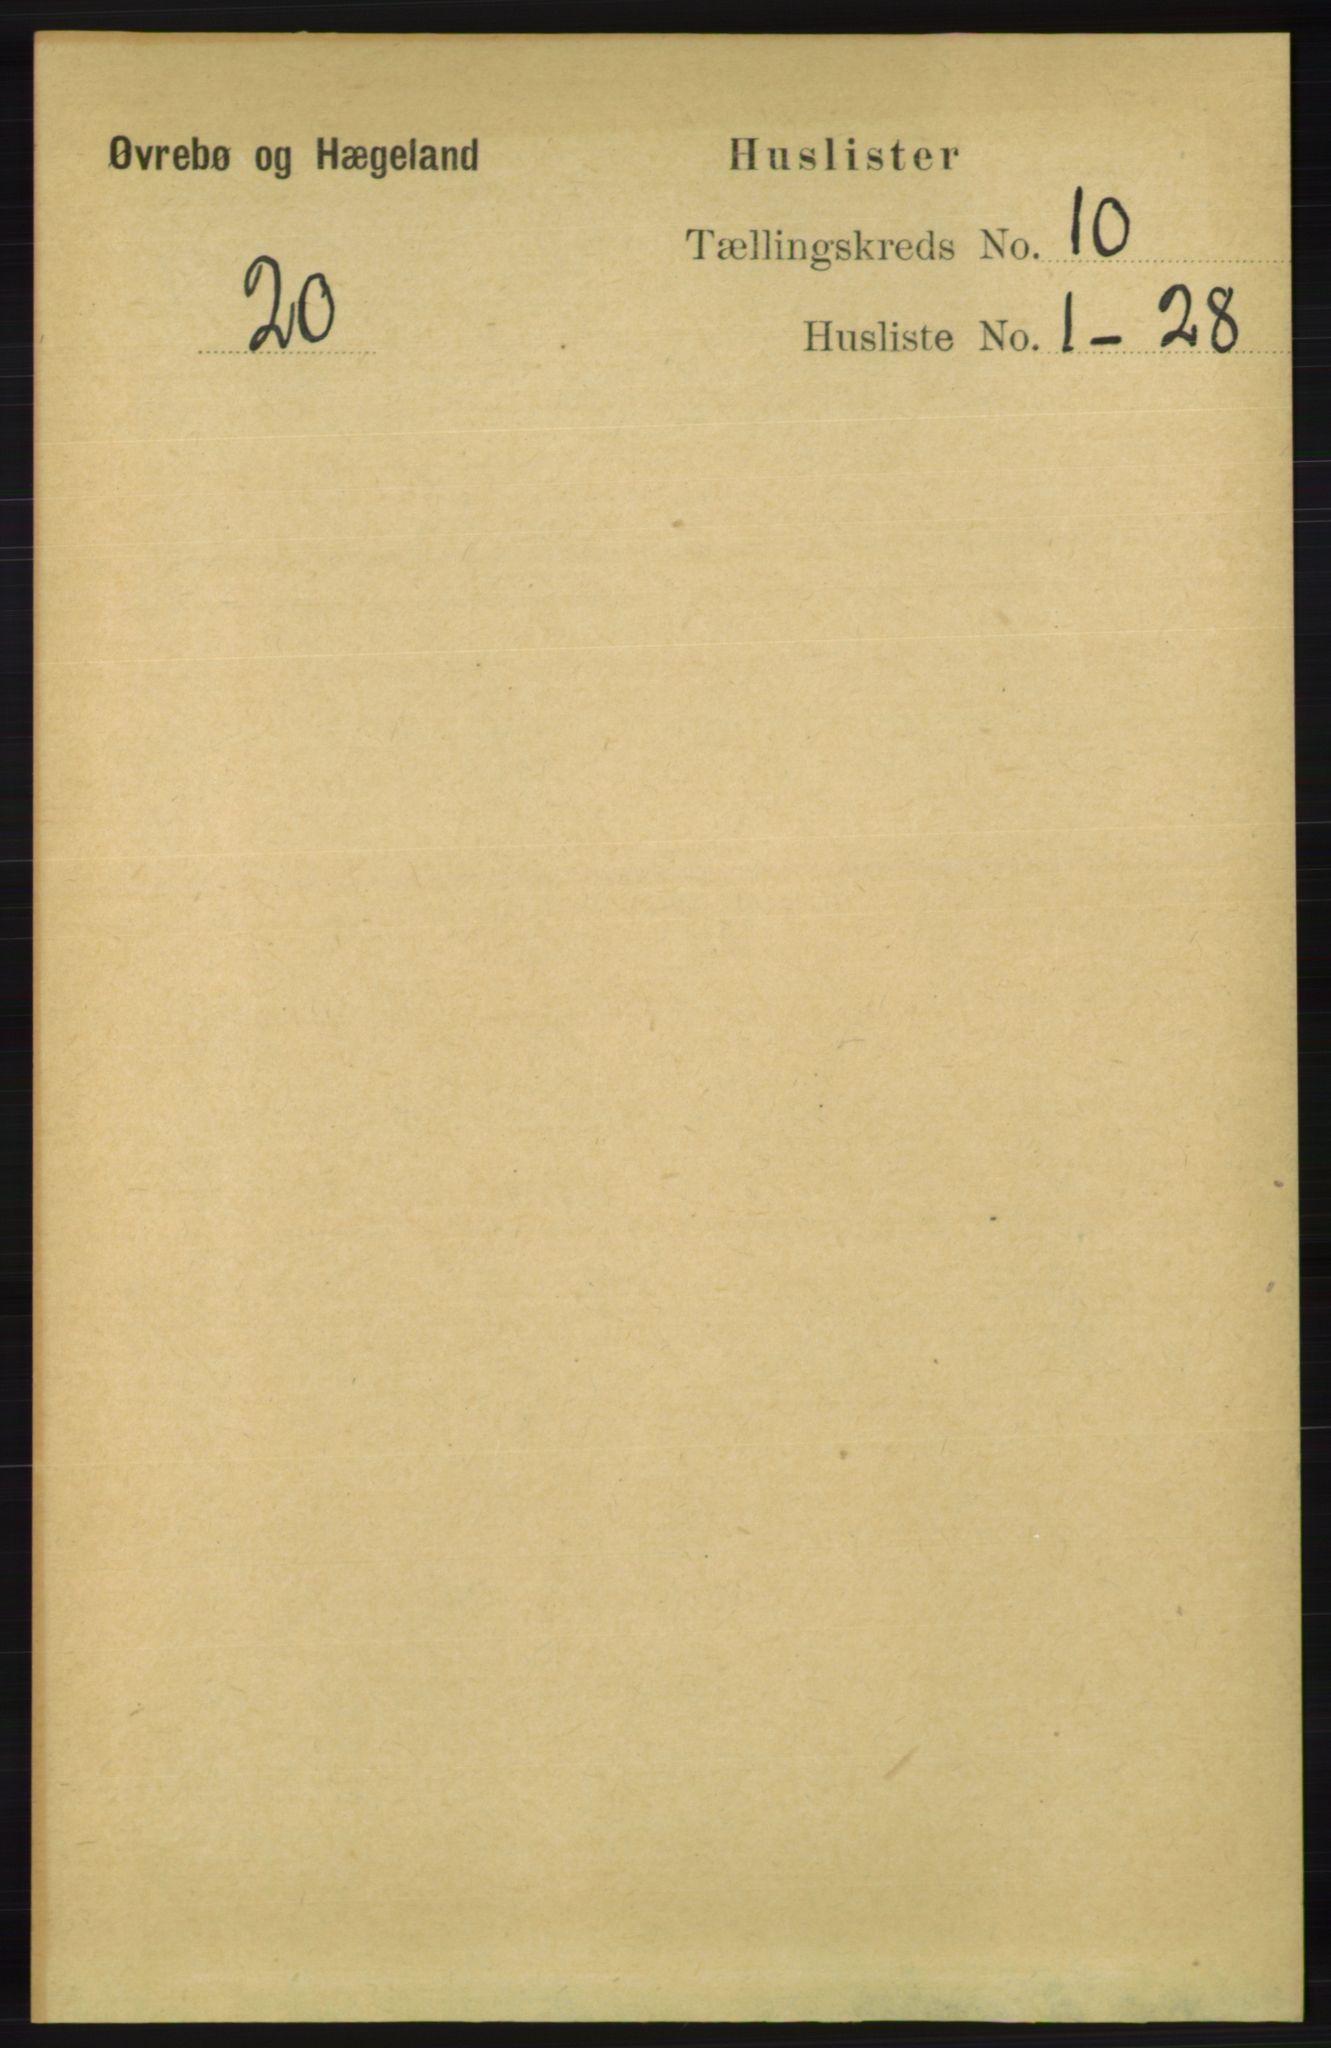 RA, Folketelling 1891 for 1016 Øvrebø og Hægeland herred, 1891, s. 2000